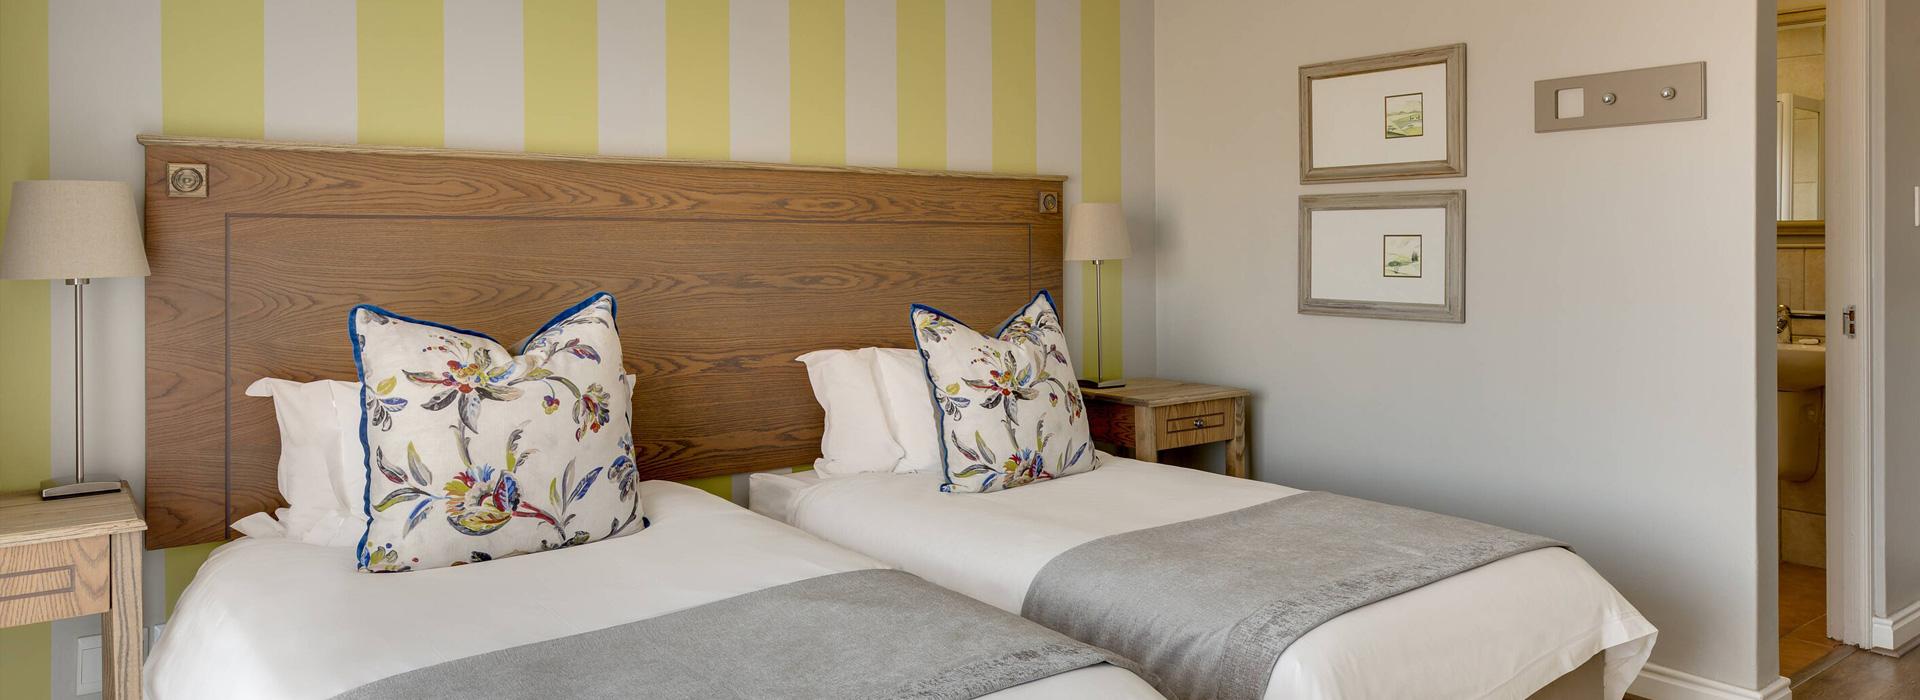 Protea Hotel Technopark Rooms